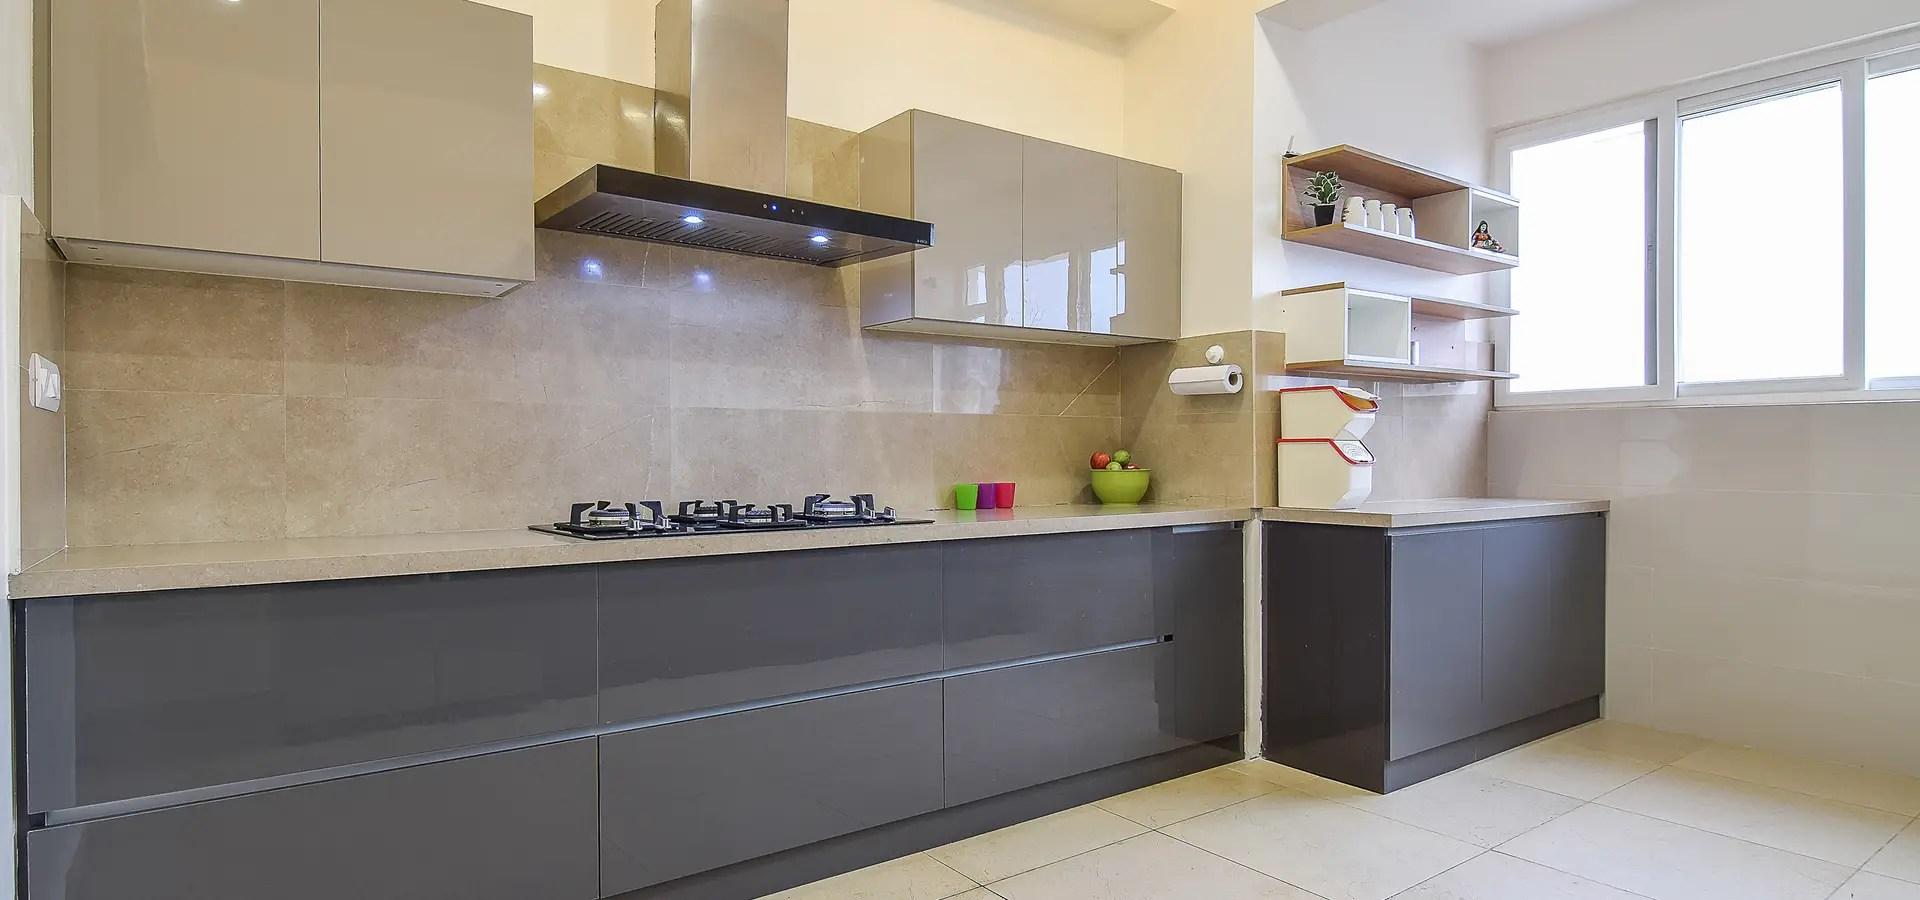 apartment interior design bangalore 4bhk by design arc interiors